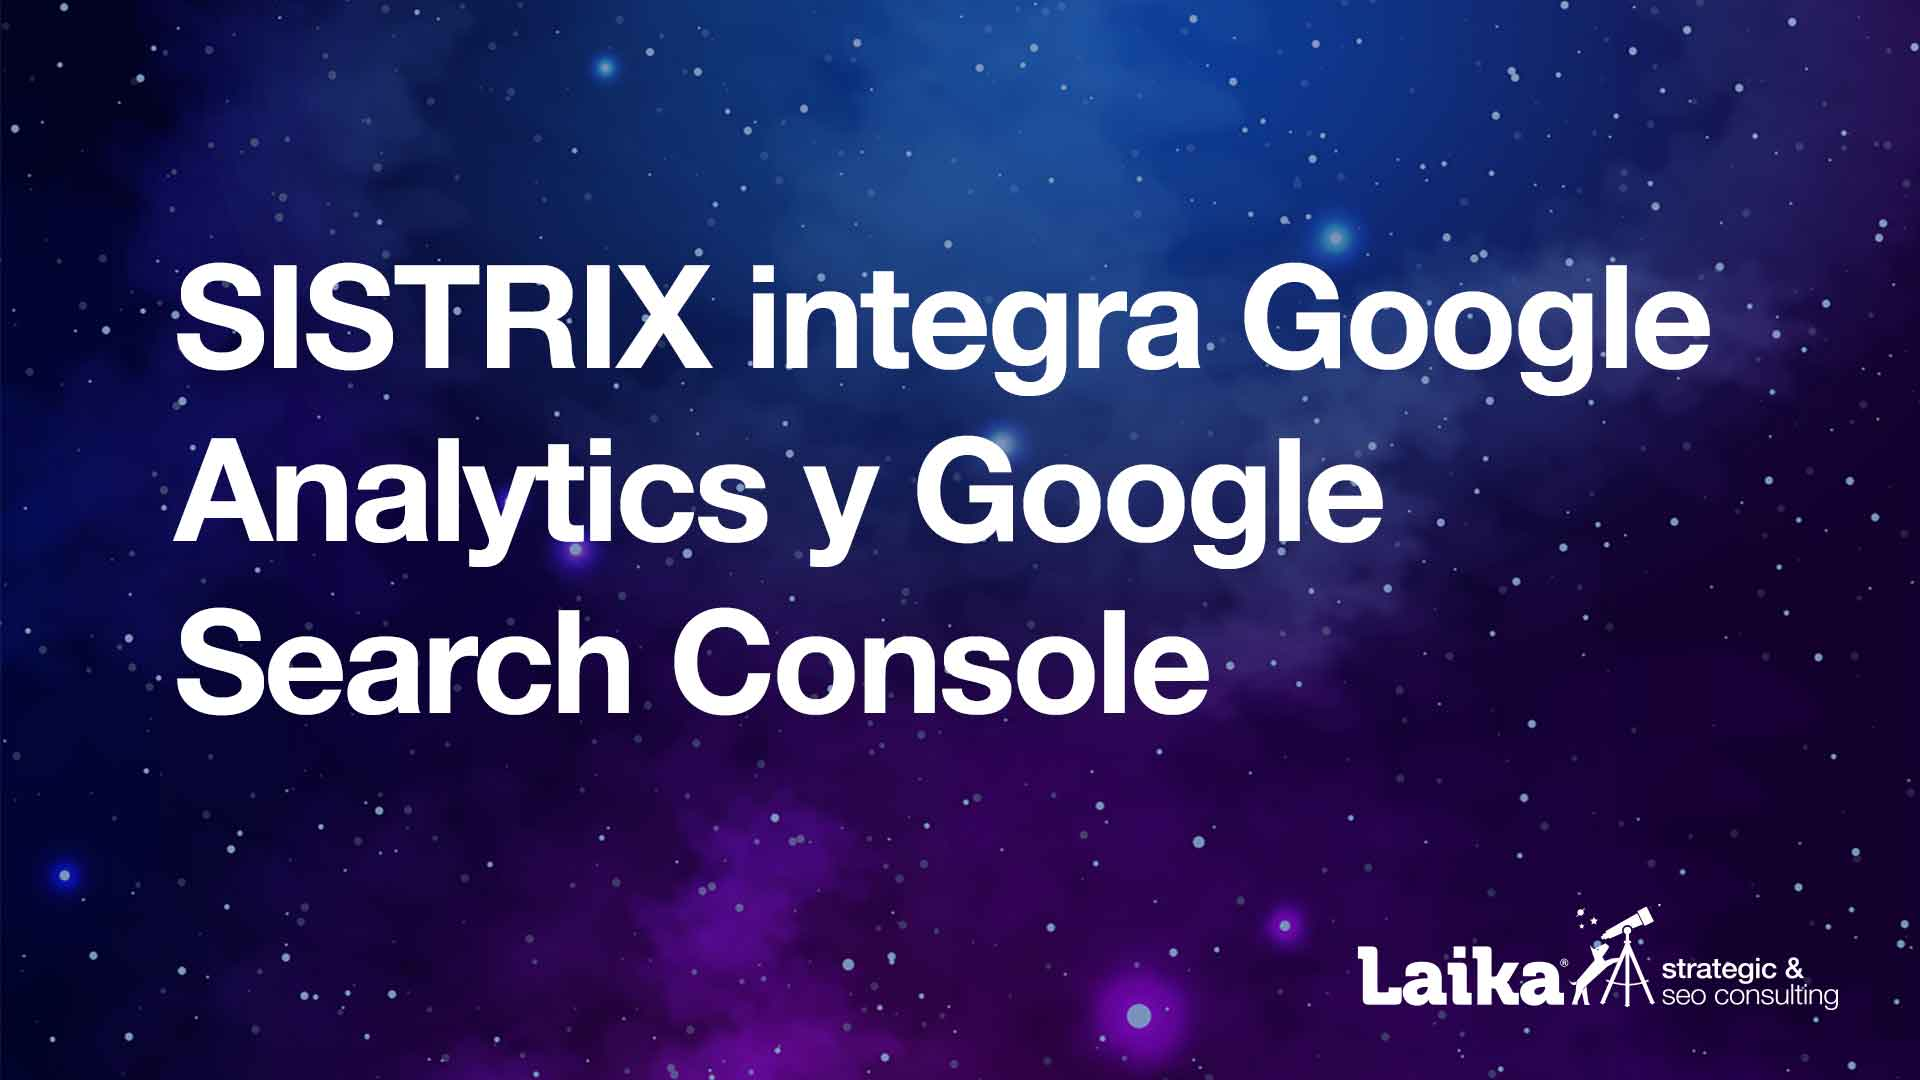 Sistrix integra Analytics y Search Console